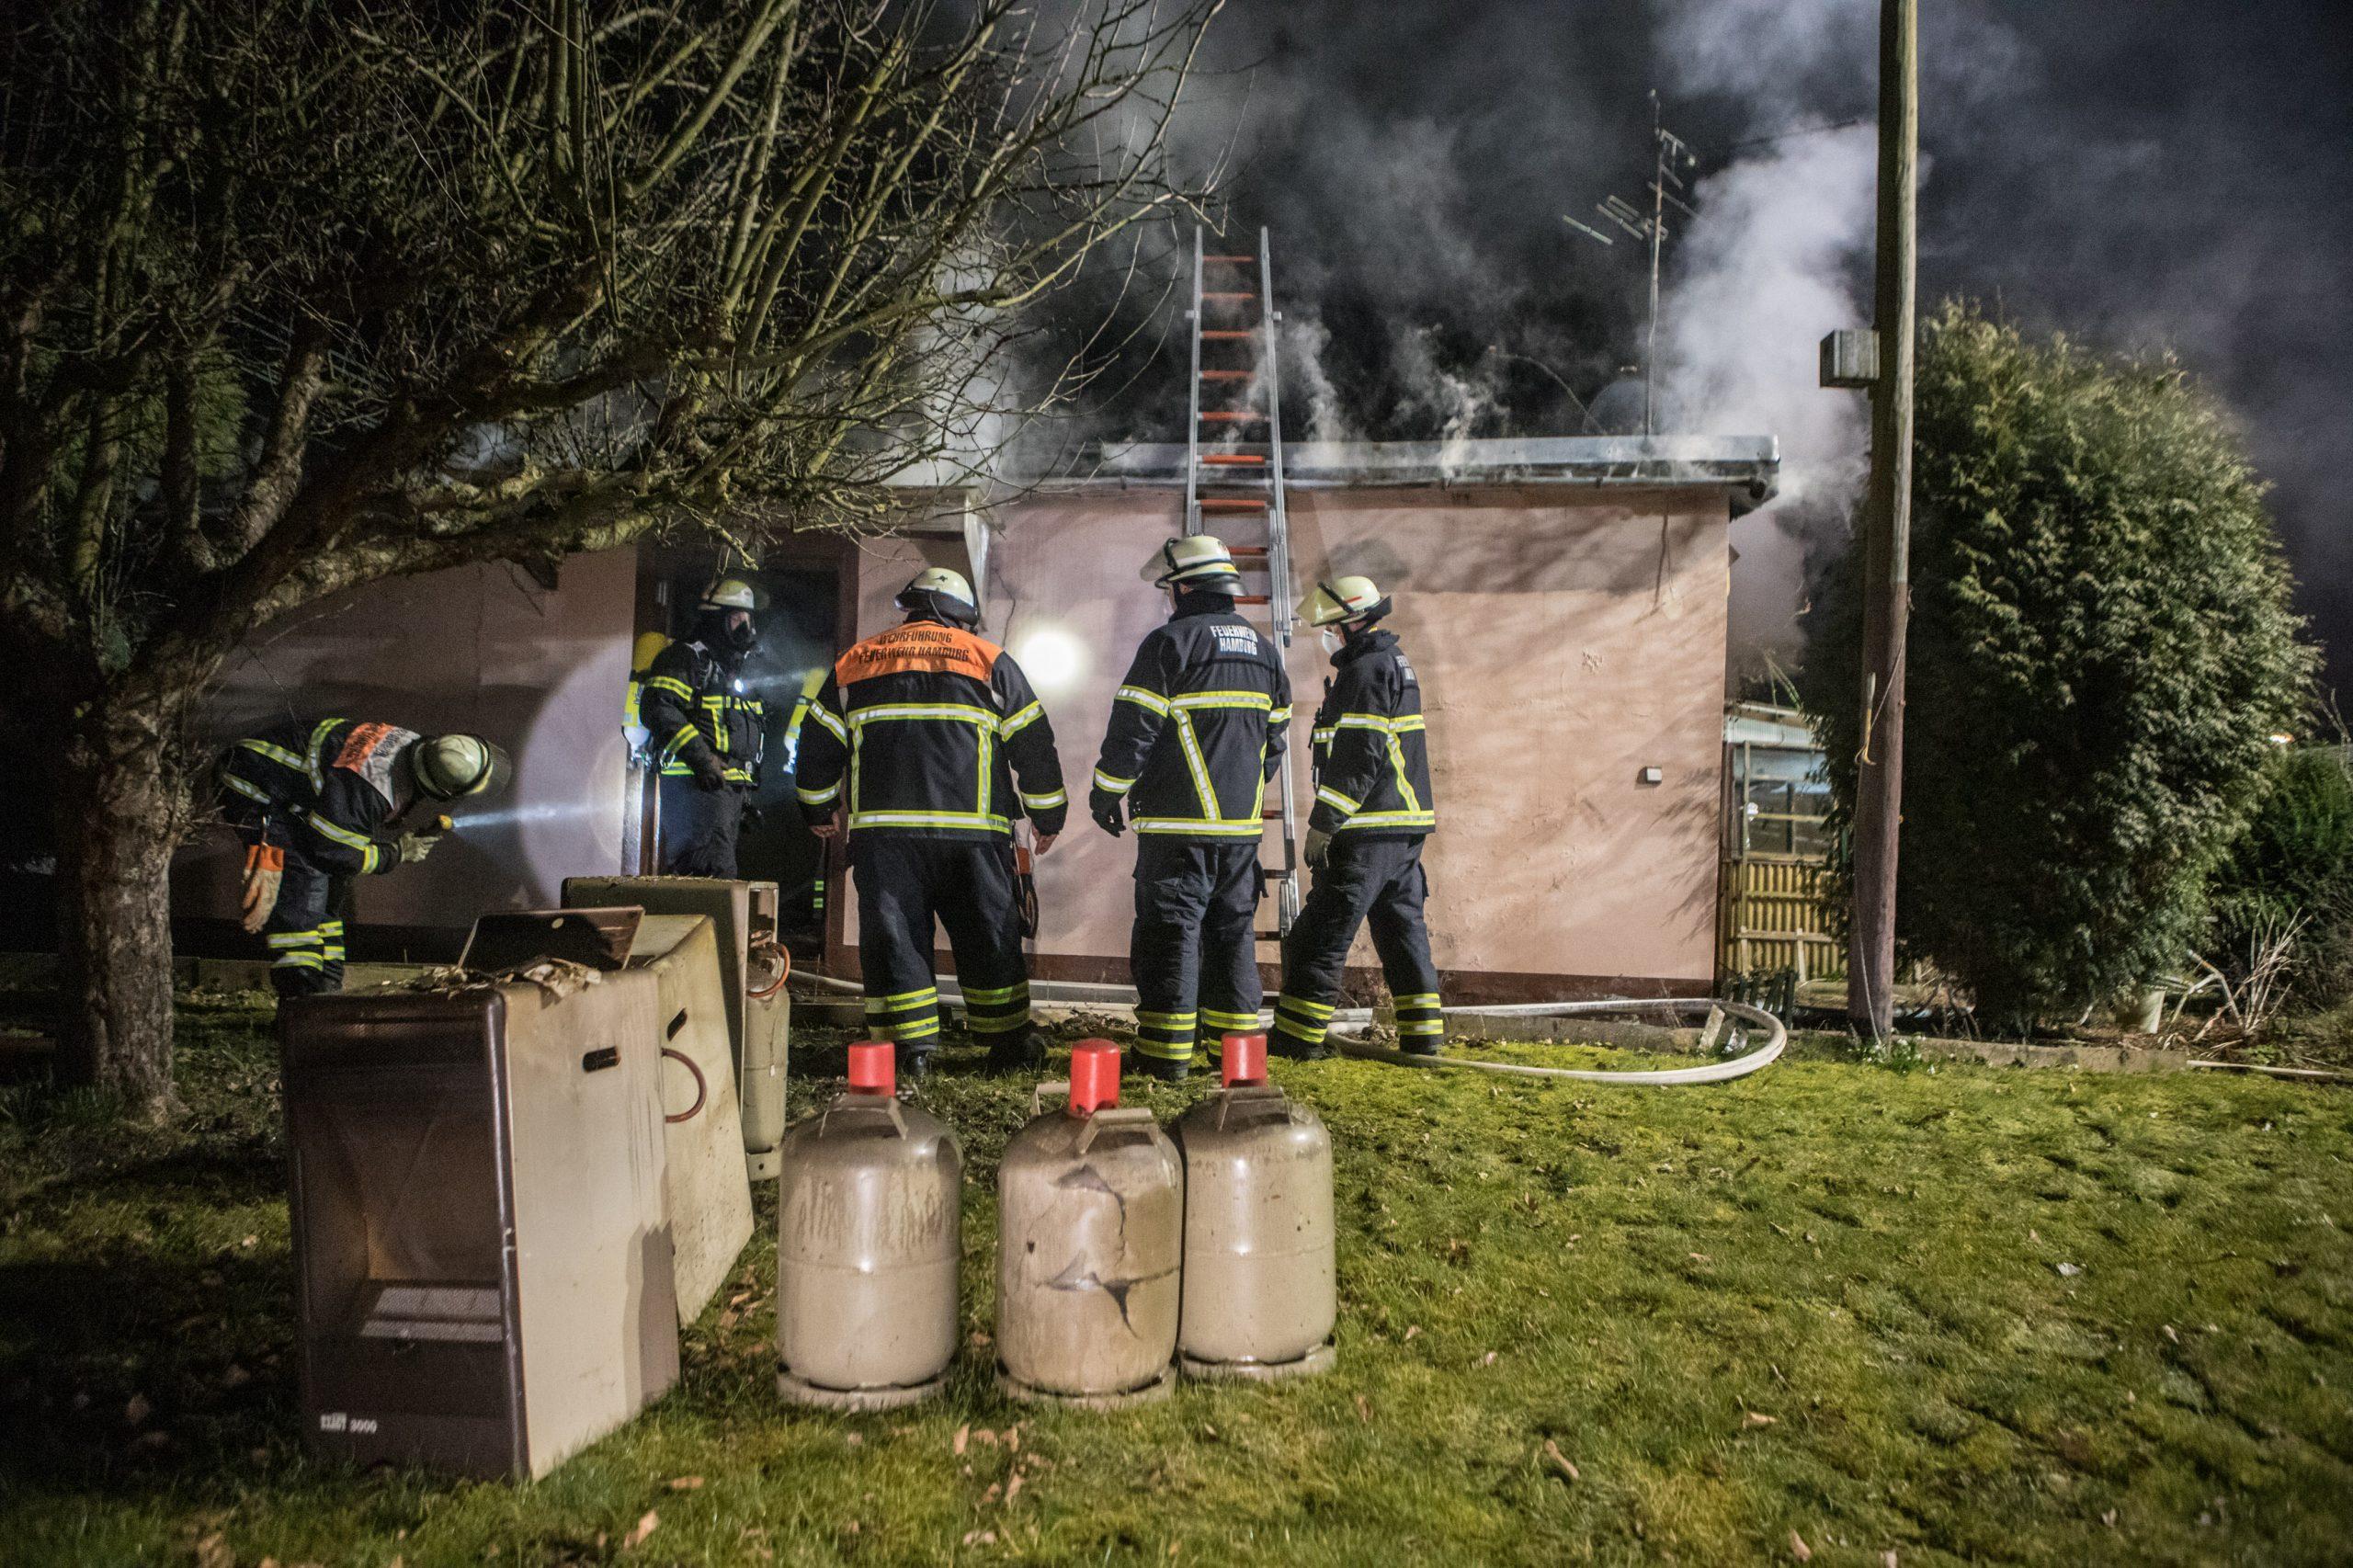 Unfassbar-Feuerwehr-holt-6-Gasflaschen-aus-brennender-Gartenlaube